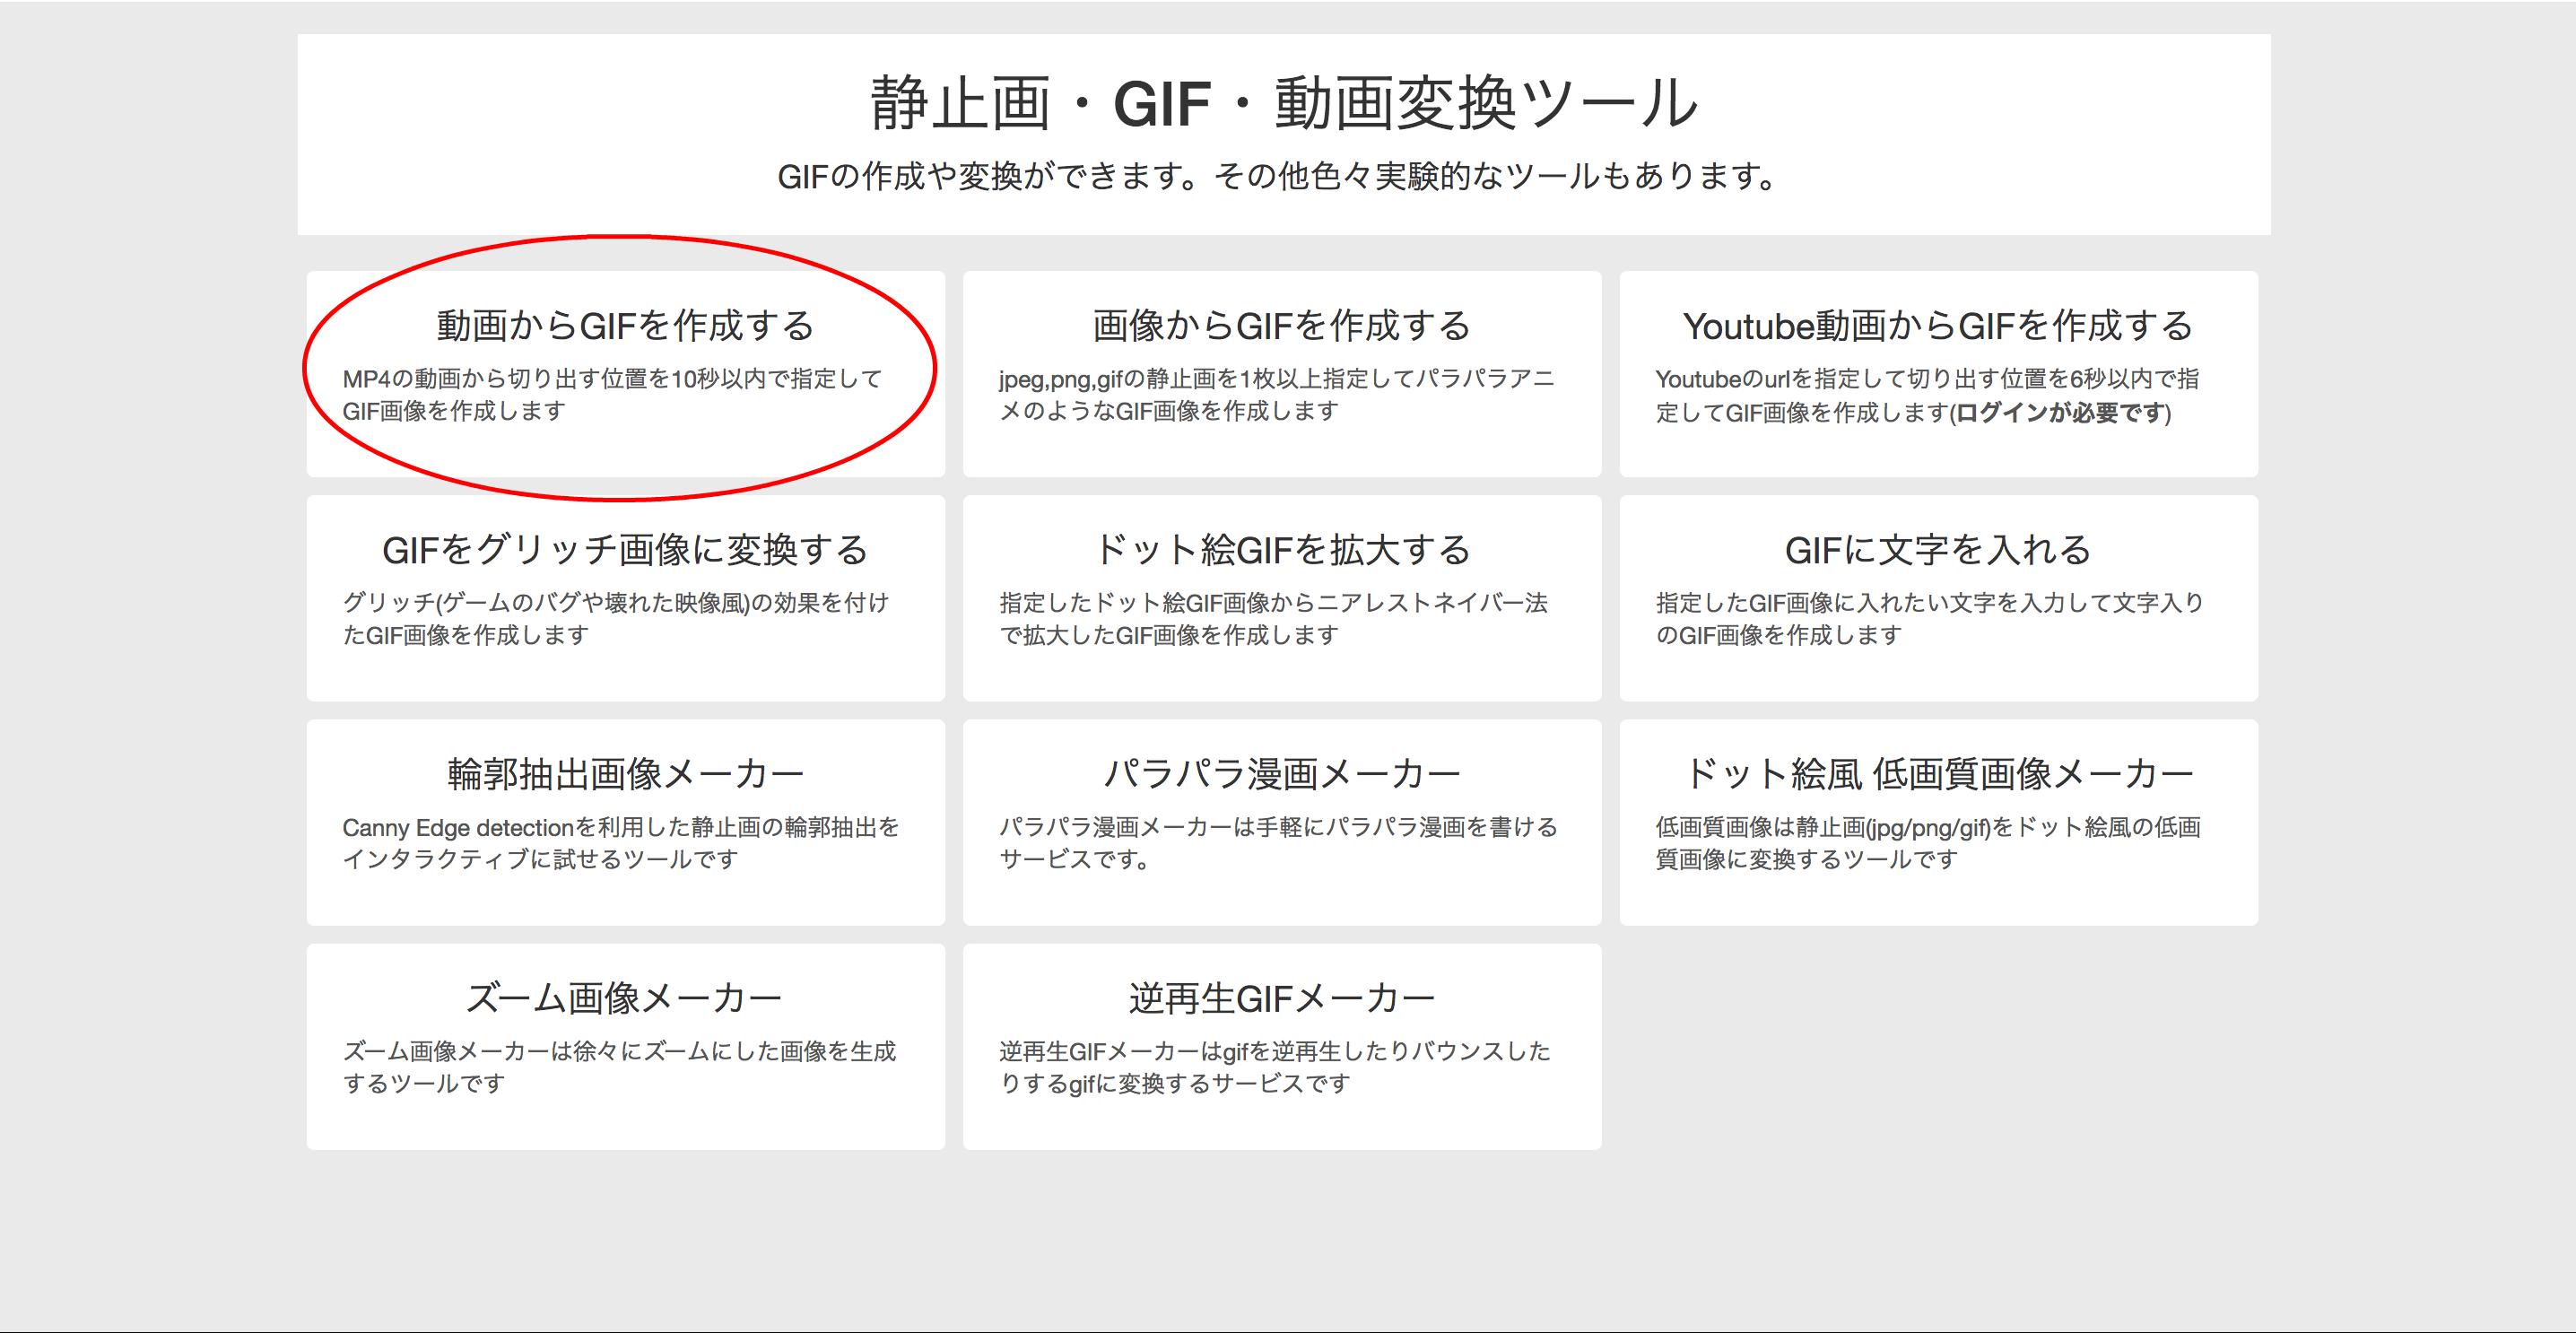 GIF動画 作成方法